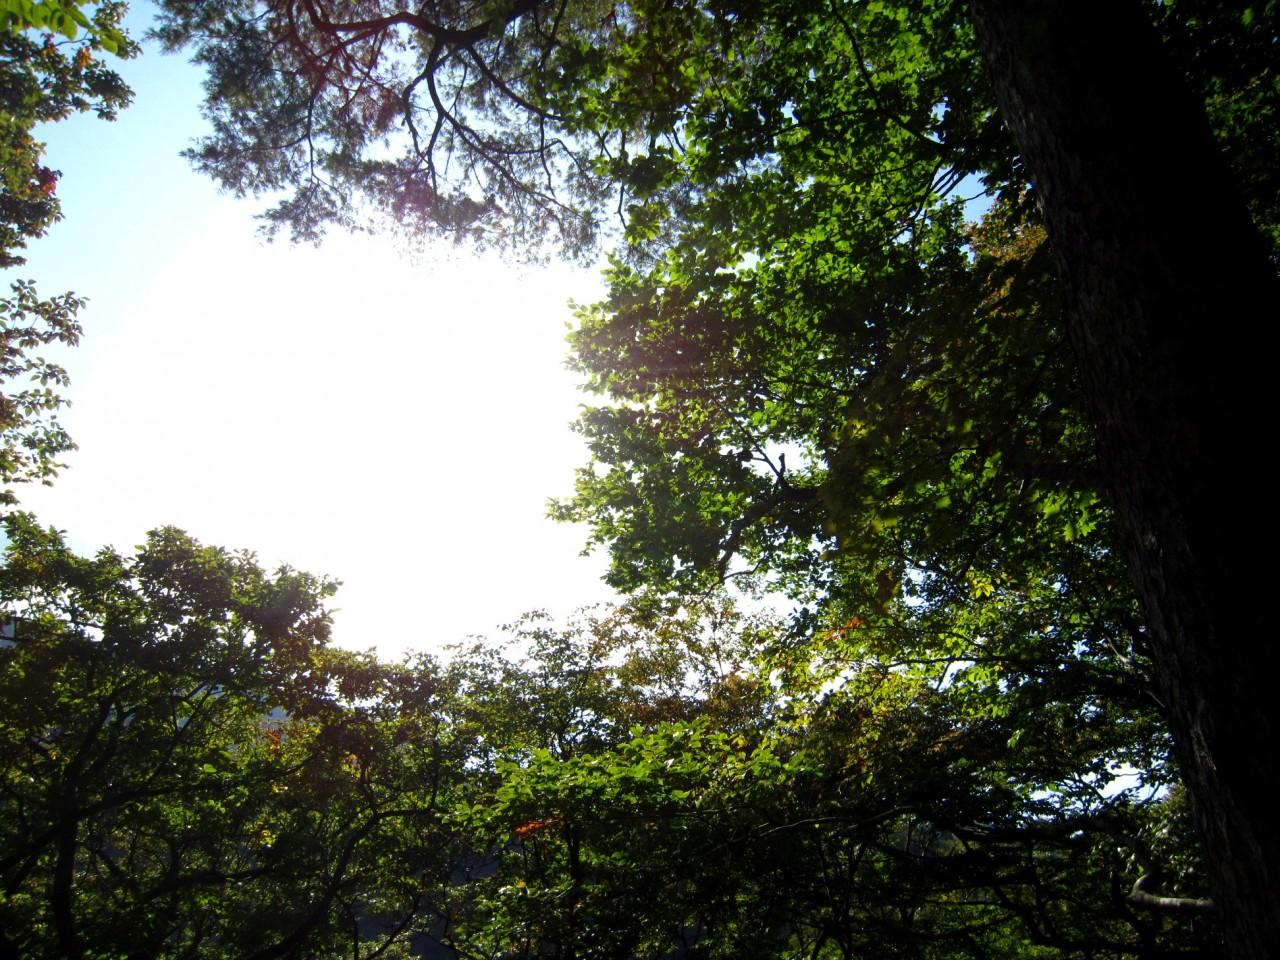 青森 津軽 深浦町 風景 冬 昼 苔 木 森 樹 晴れ